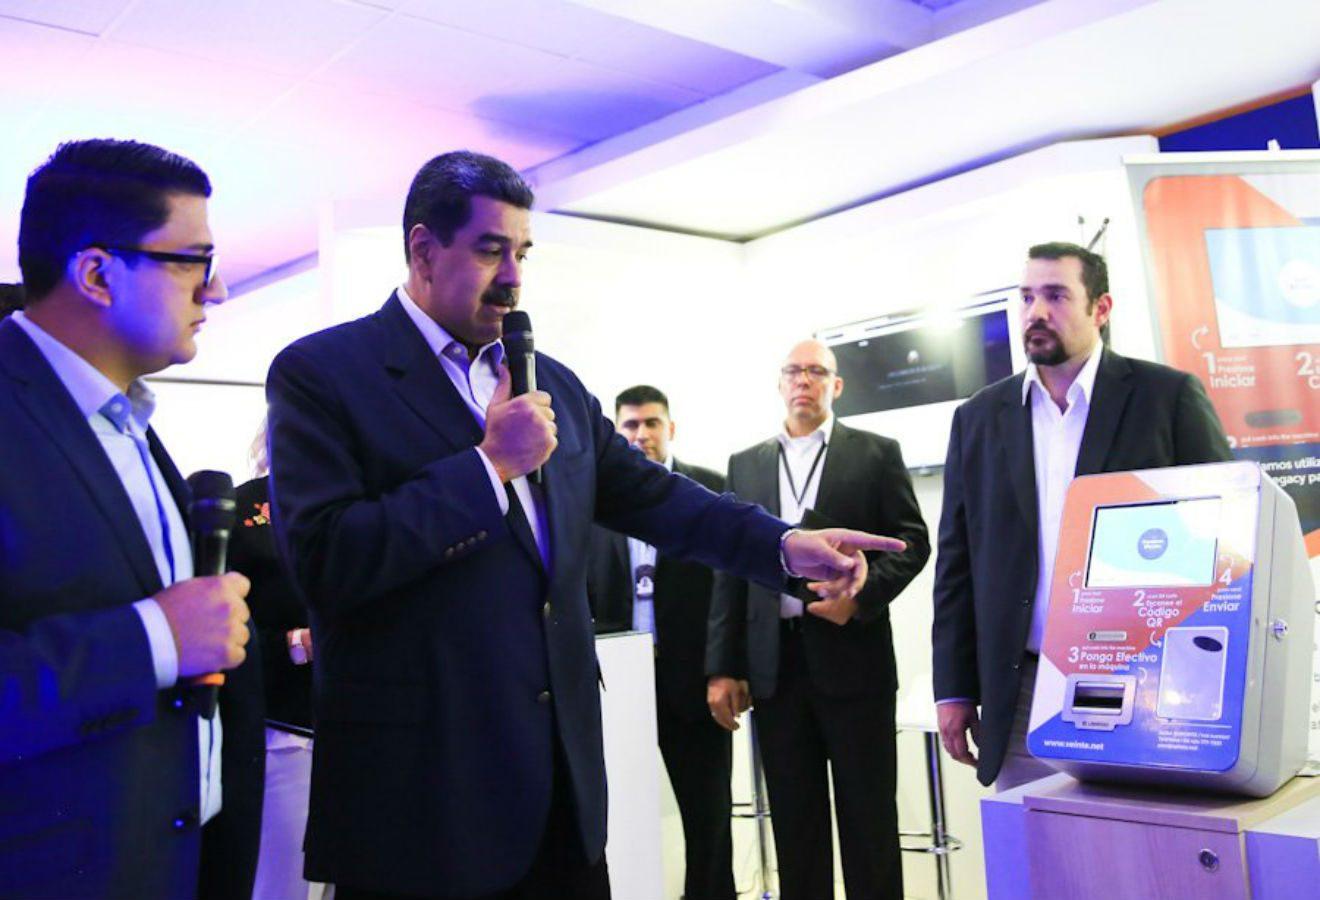 Compañía que obsequió billetera criptográfica de Trezor a Maduro explica el motivo de su participación en feria comercial centrada en el Petro